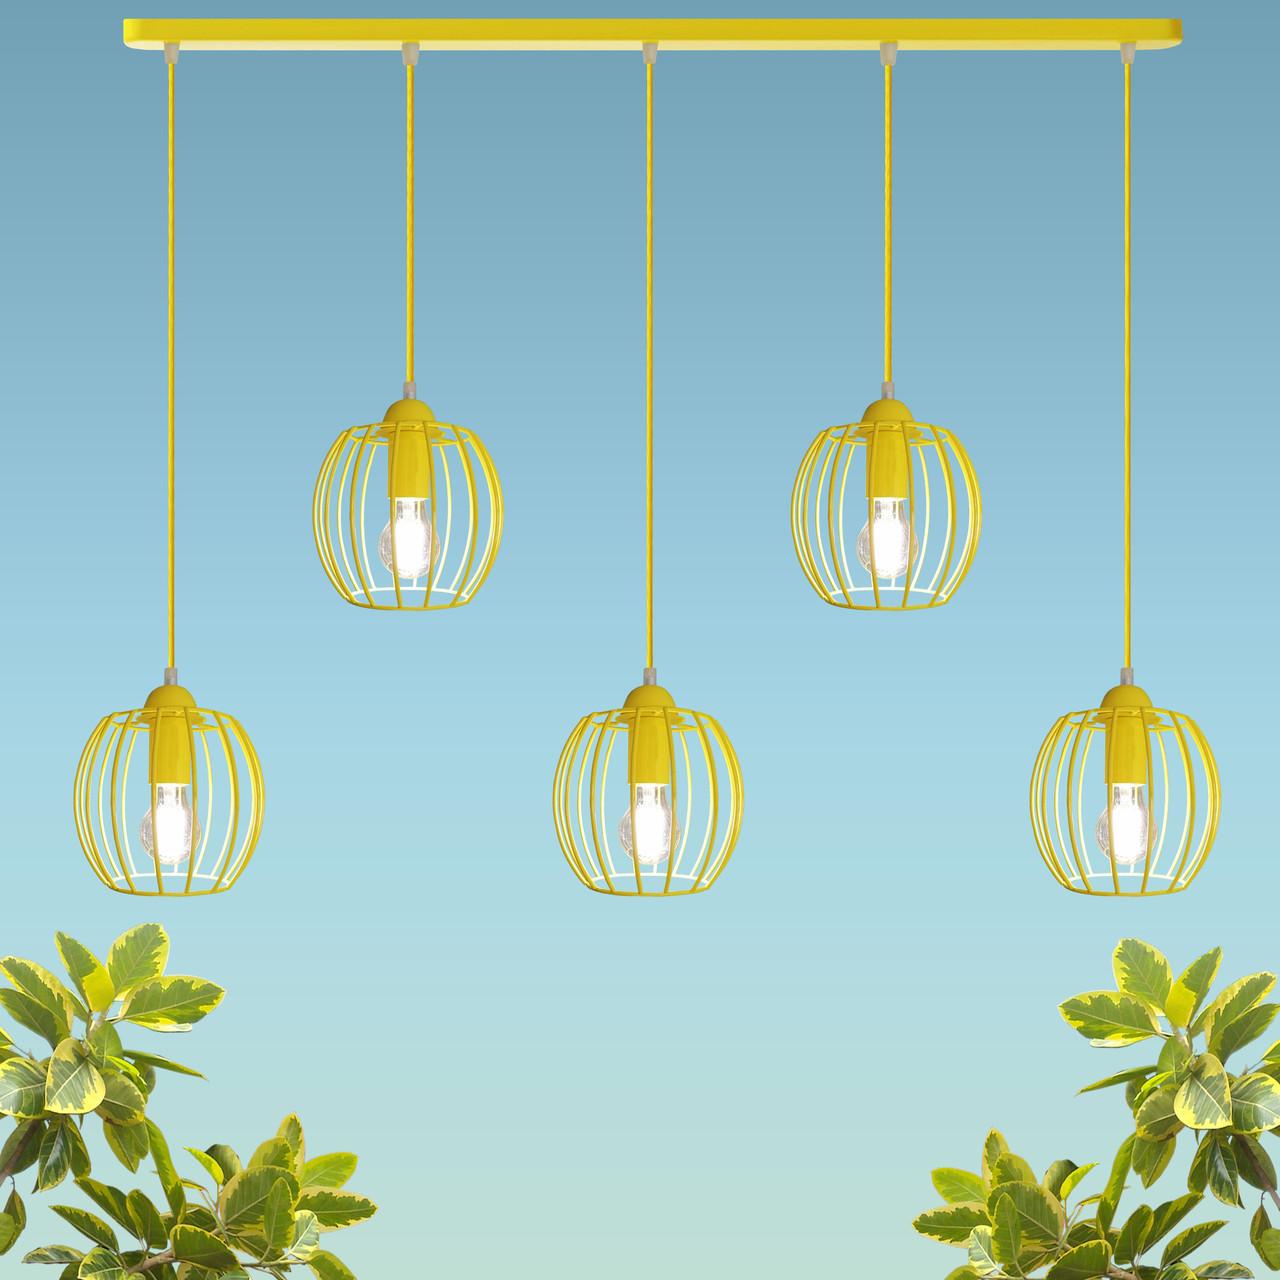 """Подвесной металлический светильник, современный стиль """"BARREL-5Е"""" Е27  желтый цвет"""